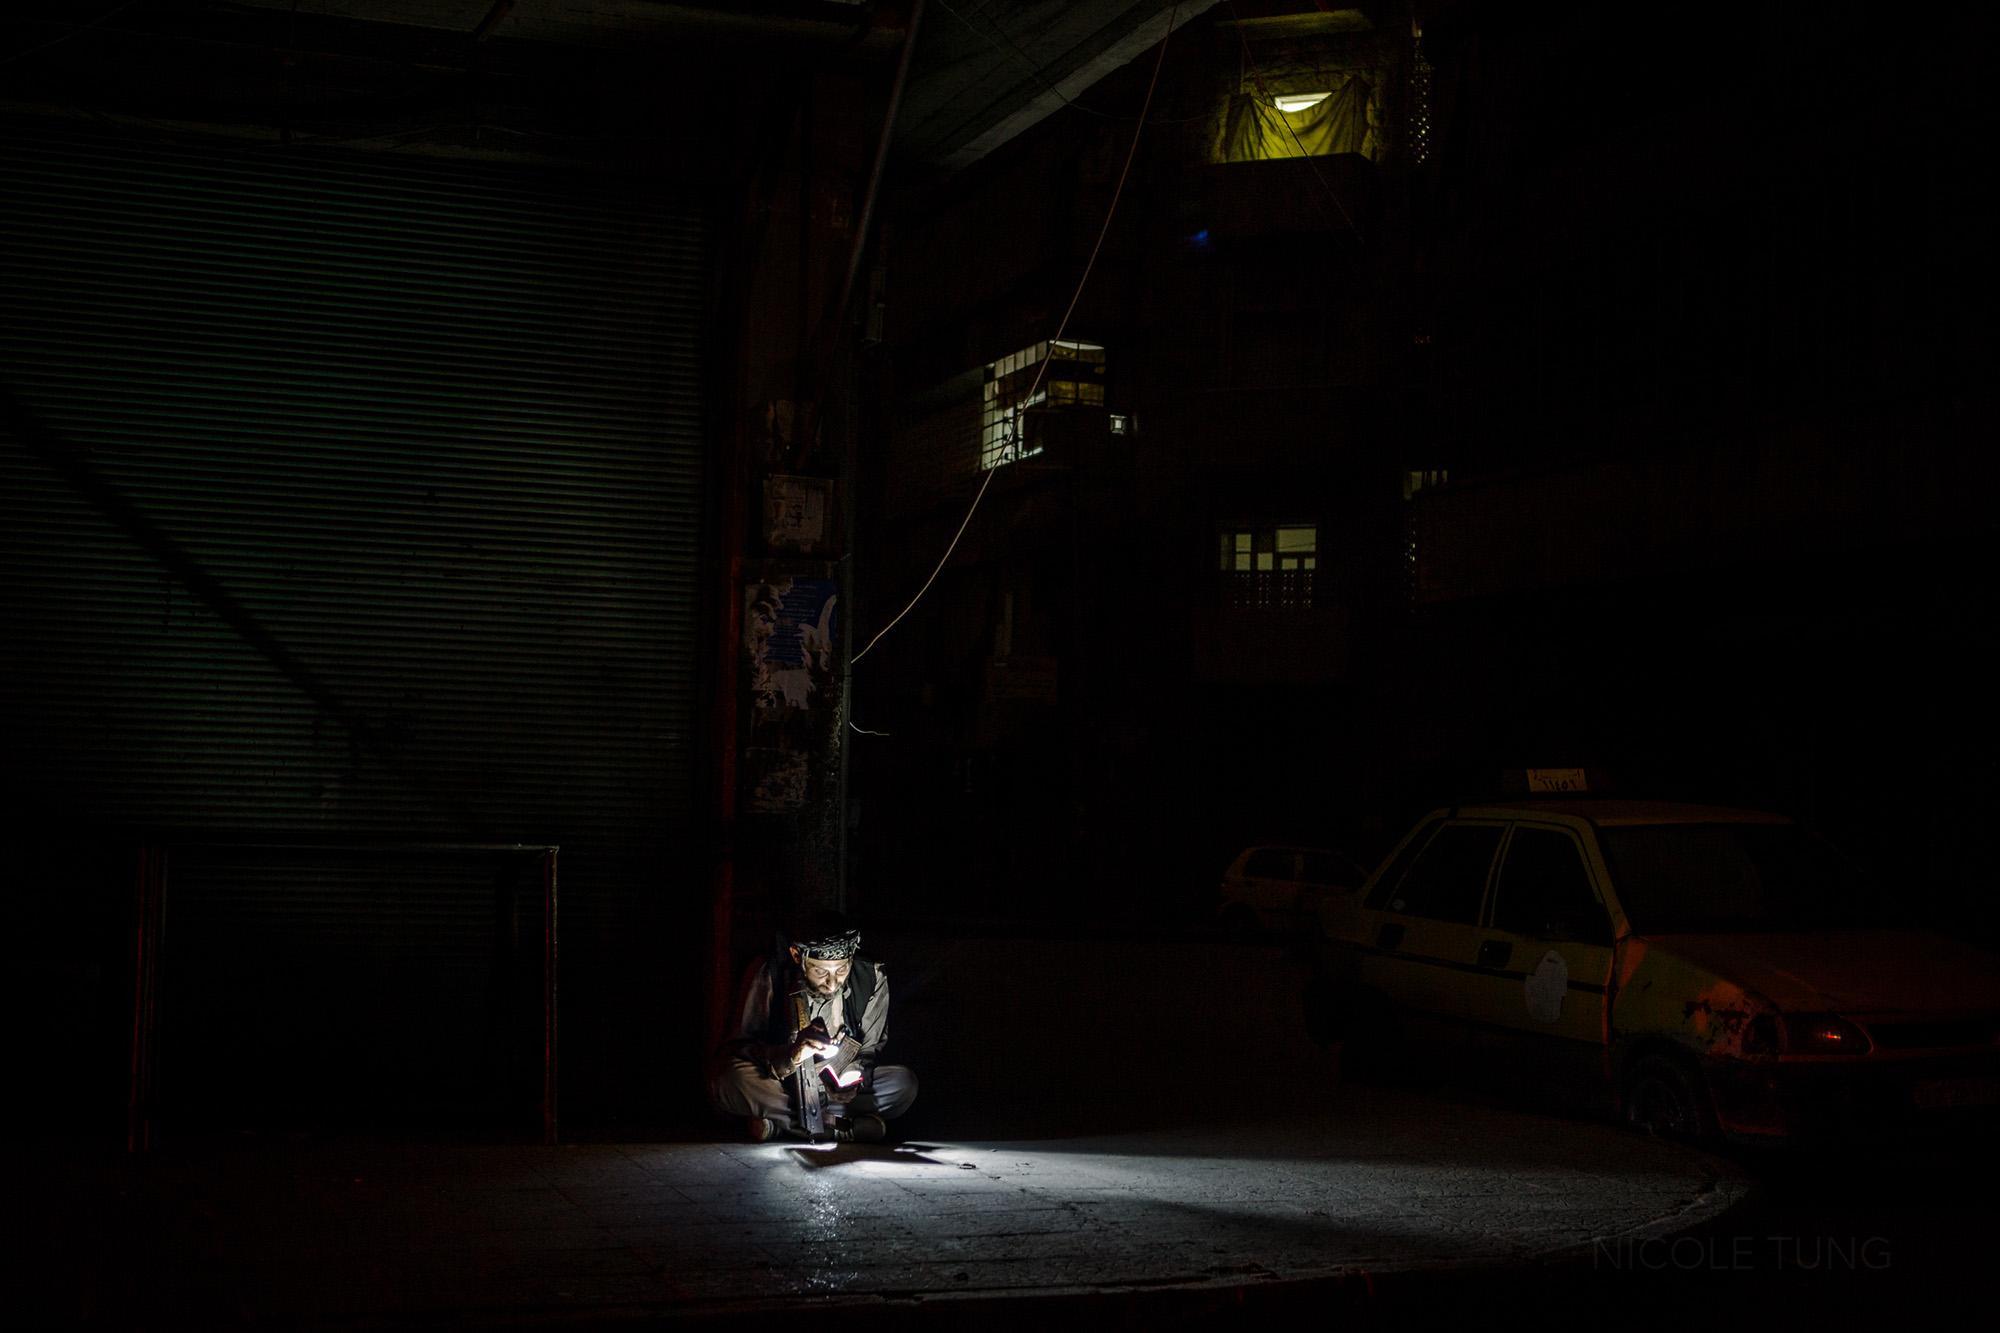 A jihadi fighter, sitting on a street corner, reads the Qur'an using a flashlight in Bustan Al Qasr, Aleppo, Syria. March 2013.